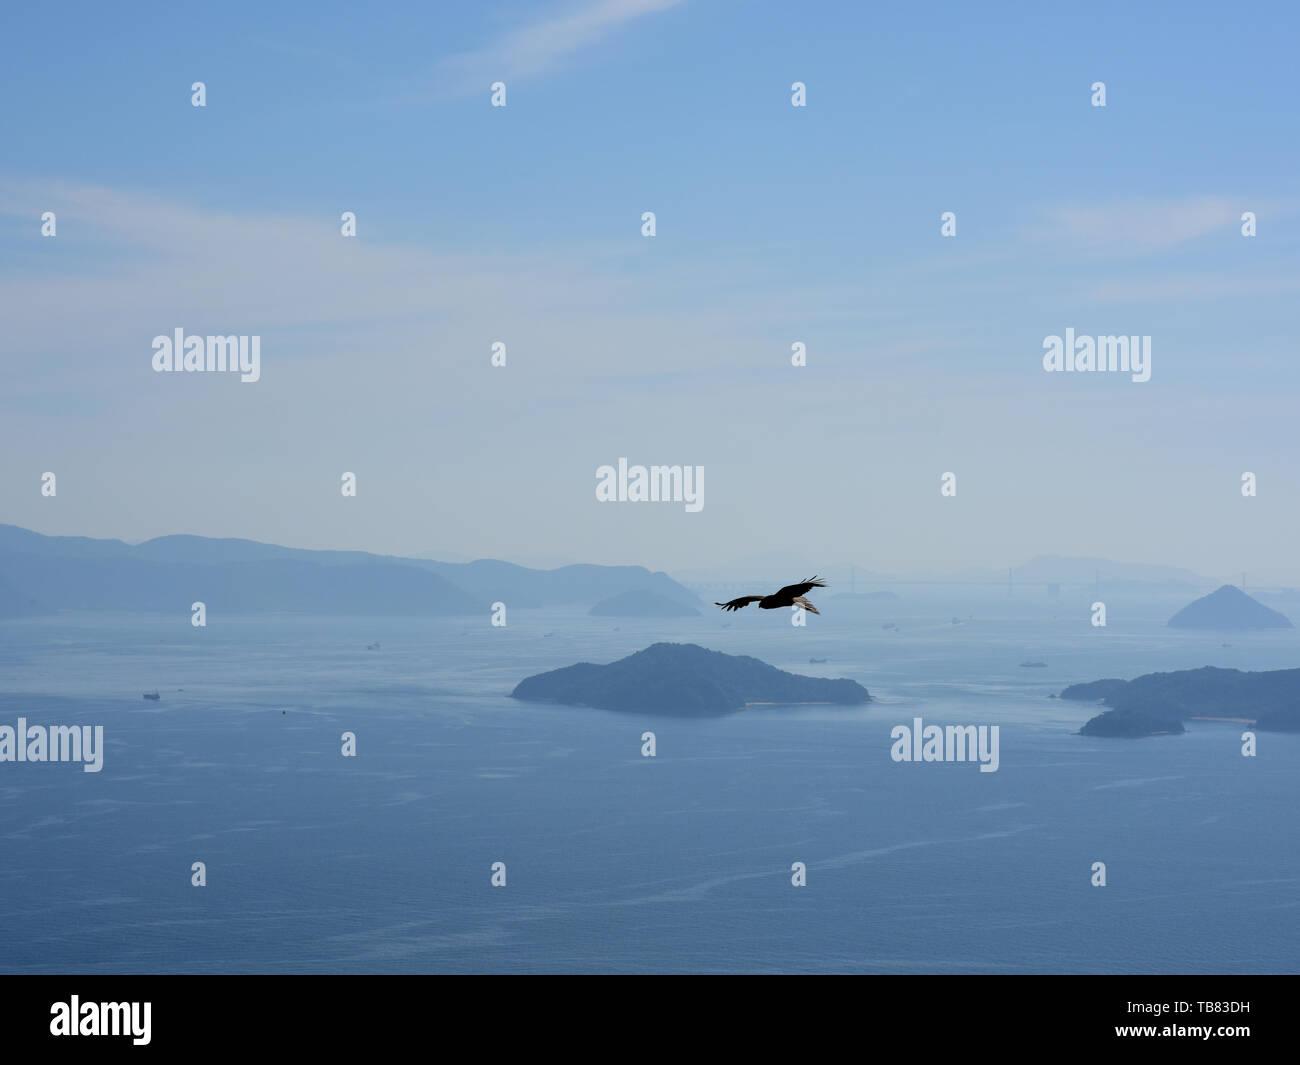 Vue aérienne de l'setouchi appelé Shimanami Kaido en ponts de Shikoku Naoshima et un aigle volant silhouette. Photo Stock